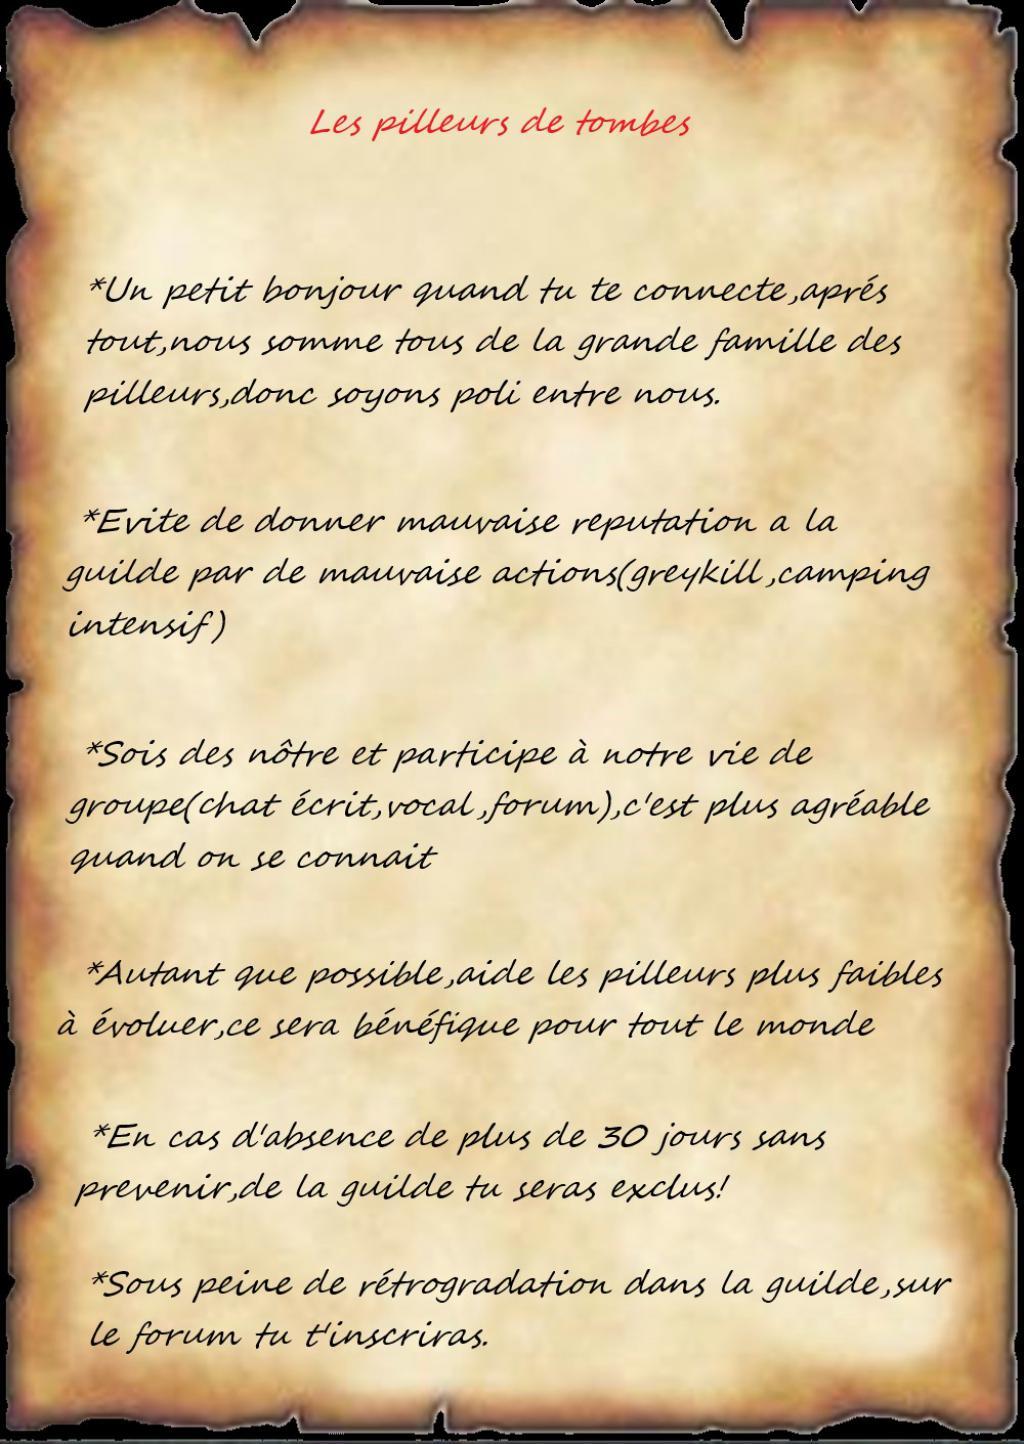 La charte des pilleurs Parchemin-charte-...-resized-53847e7